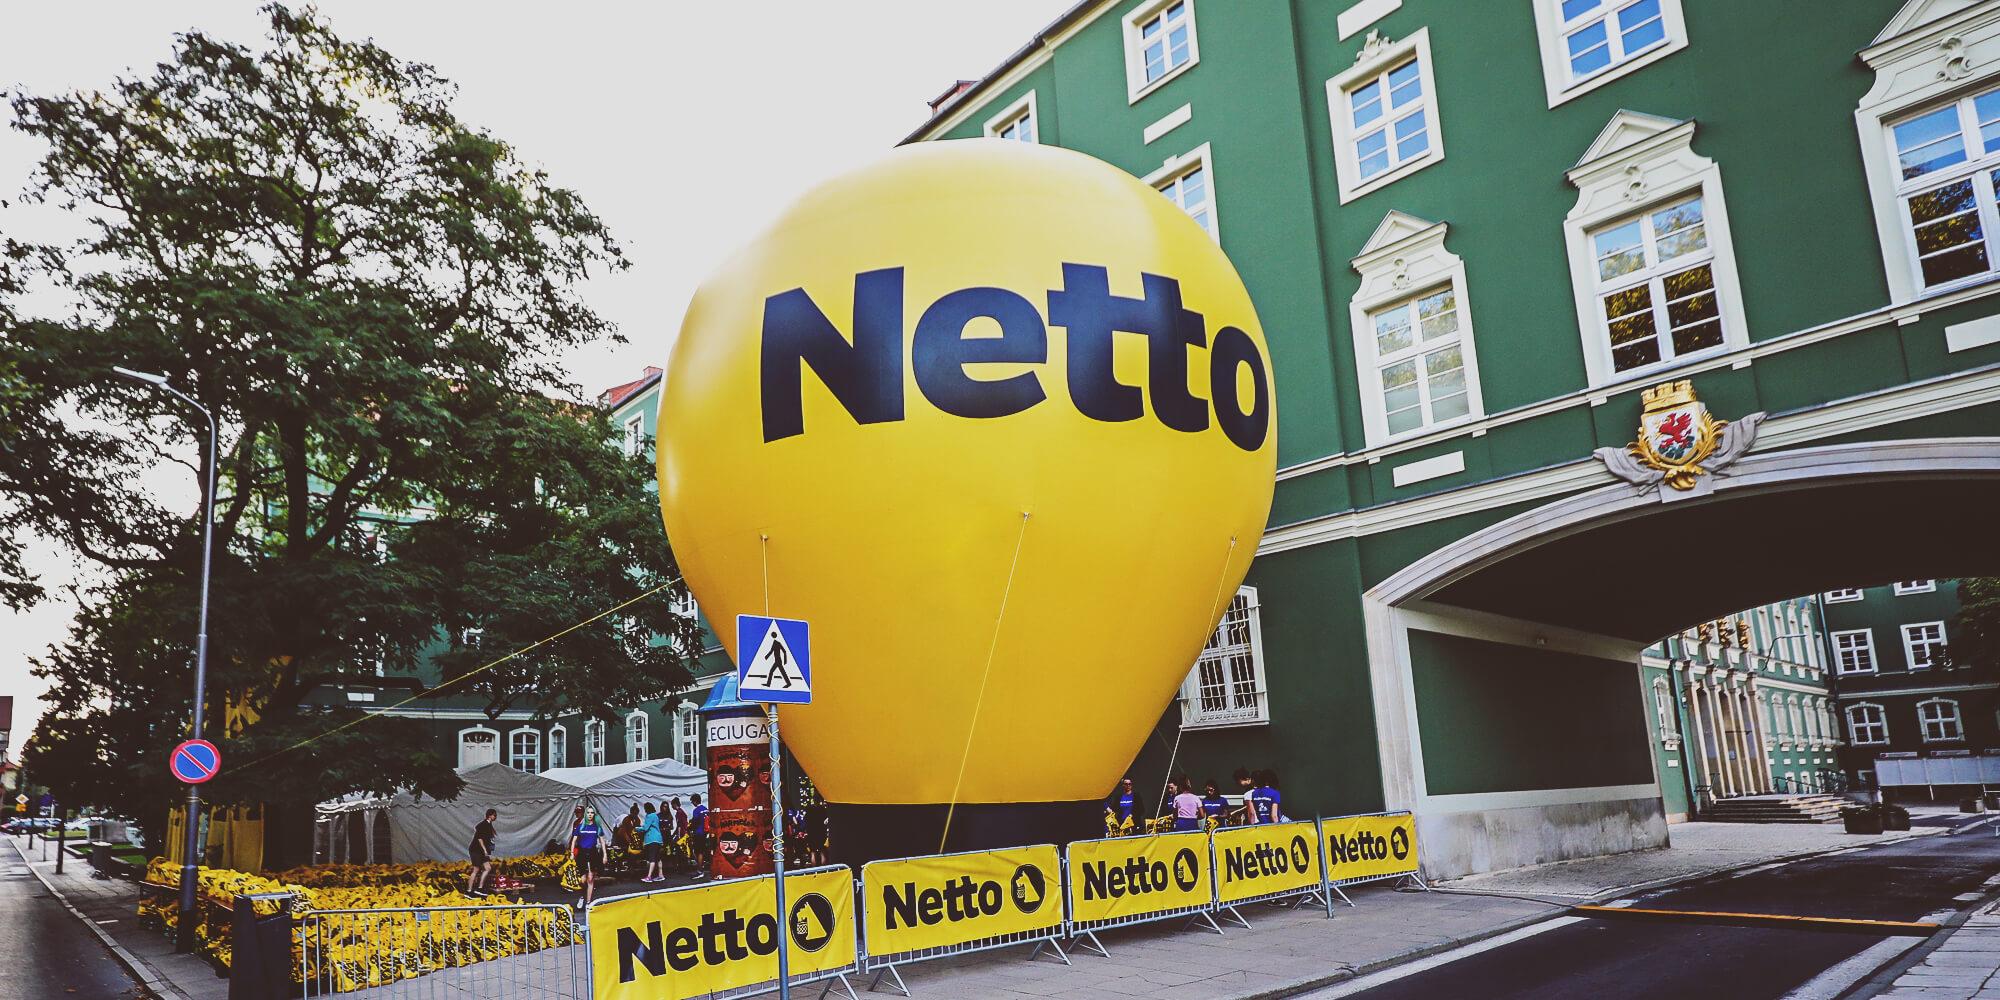 Balon reklamowy Alfa w przestrzeni miejskiej podczas akcji promocyjnej marki Netto